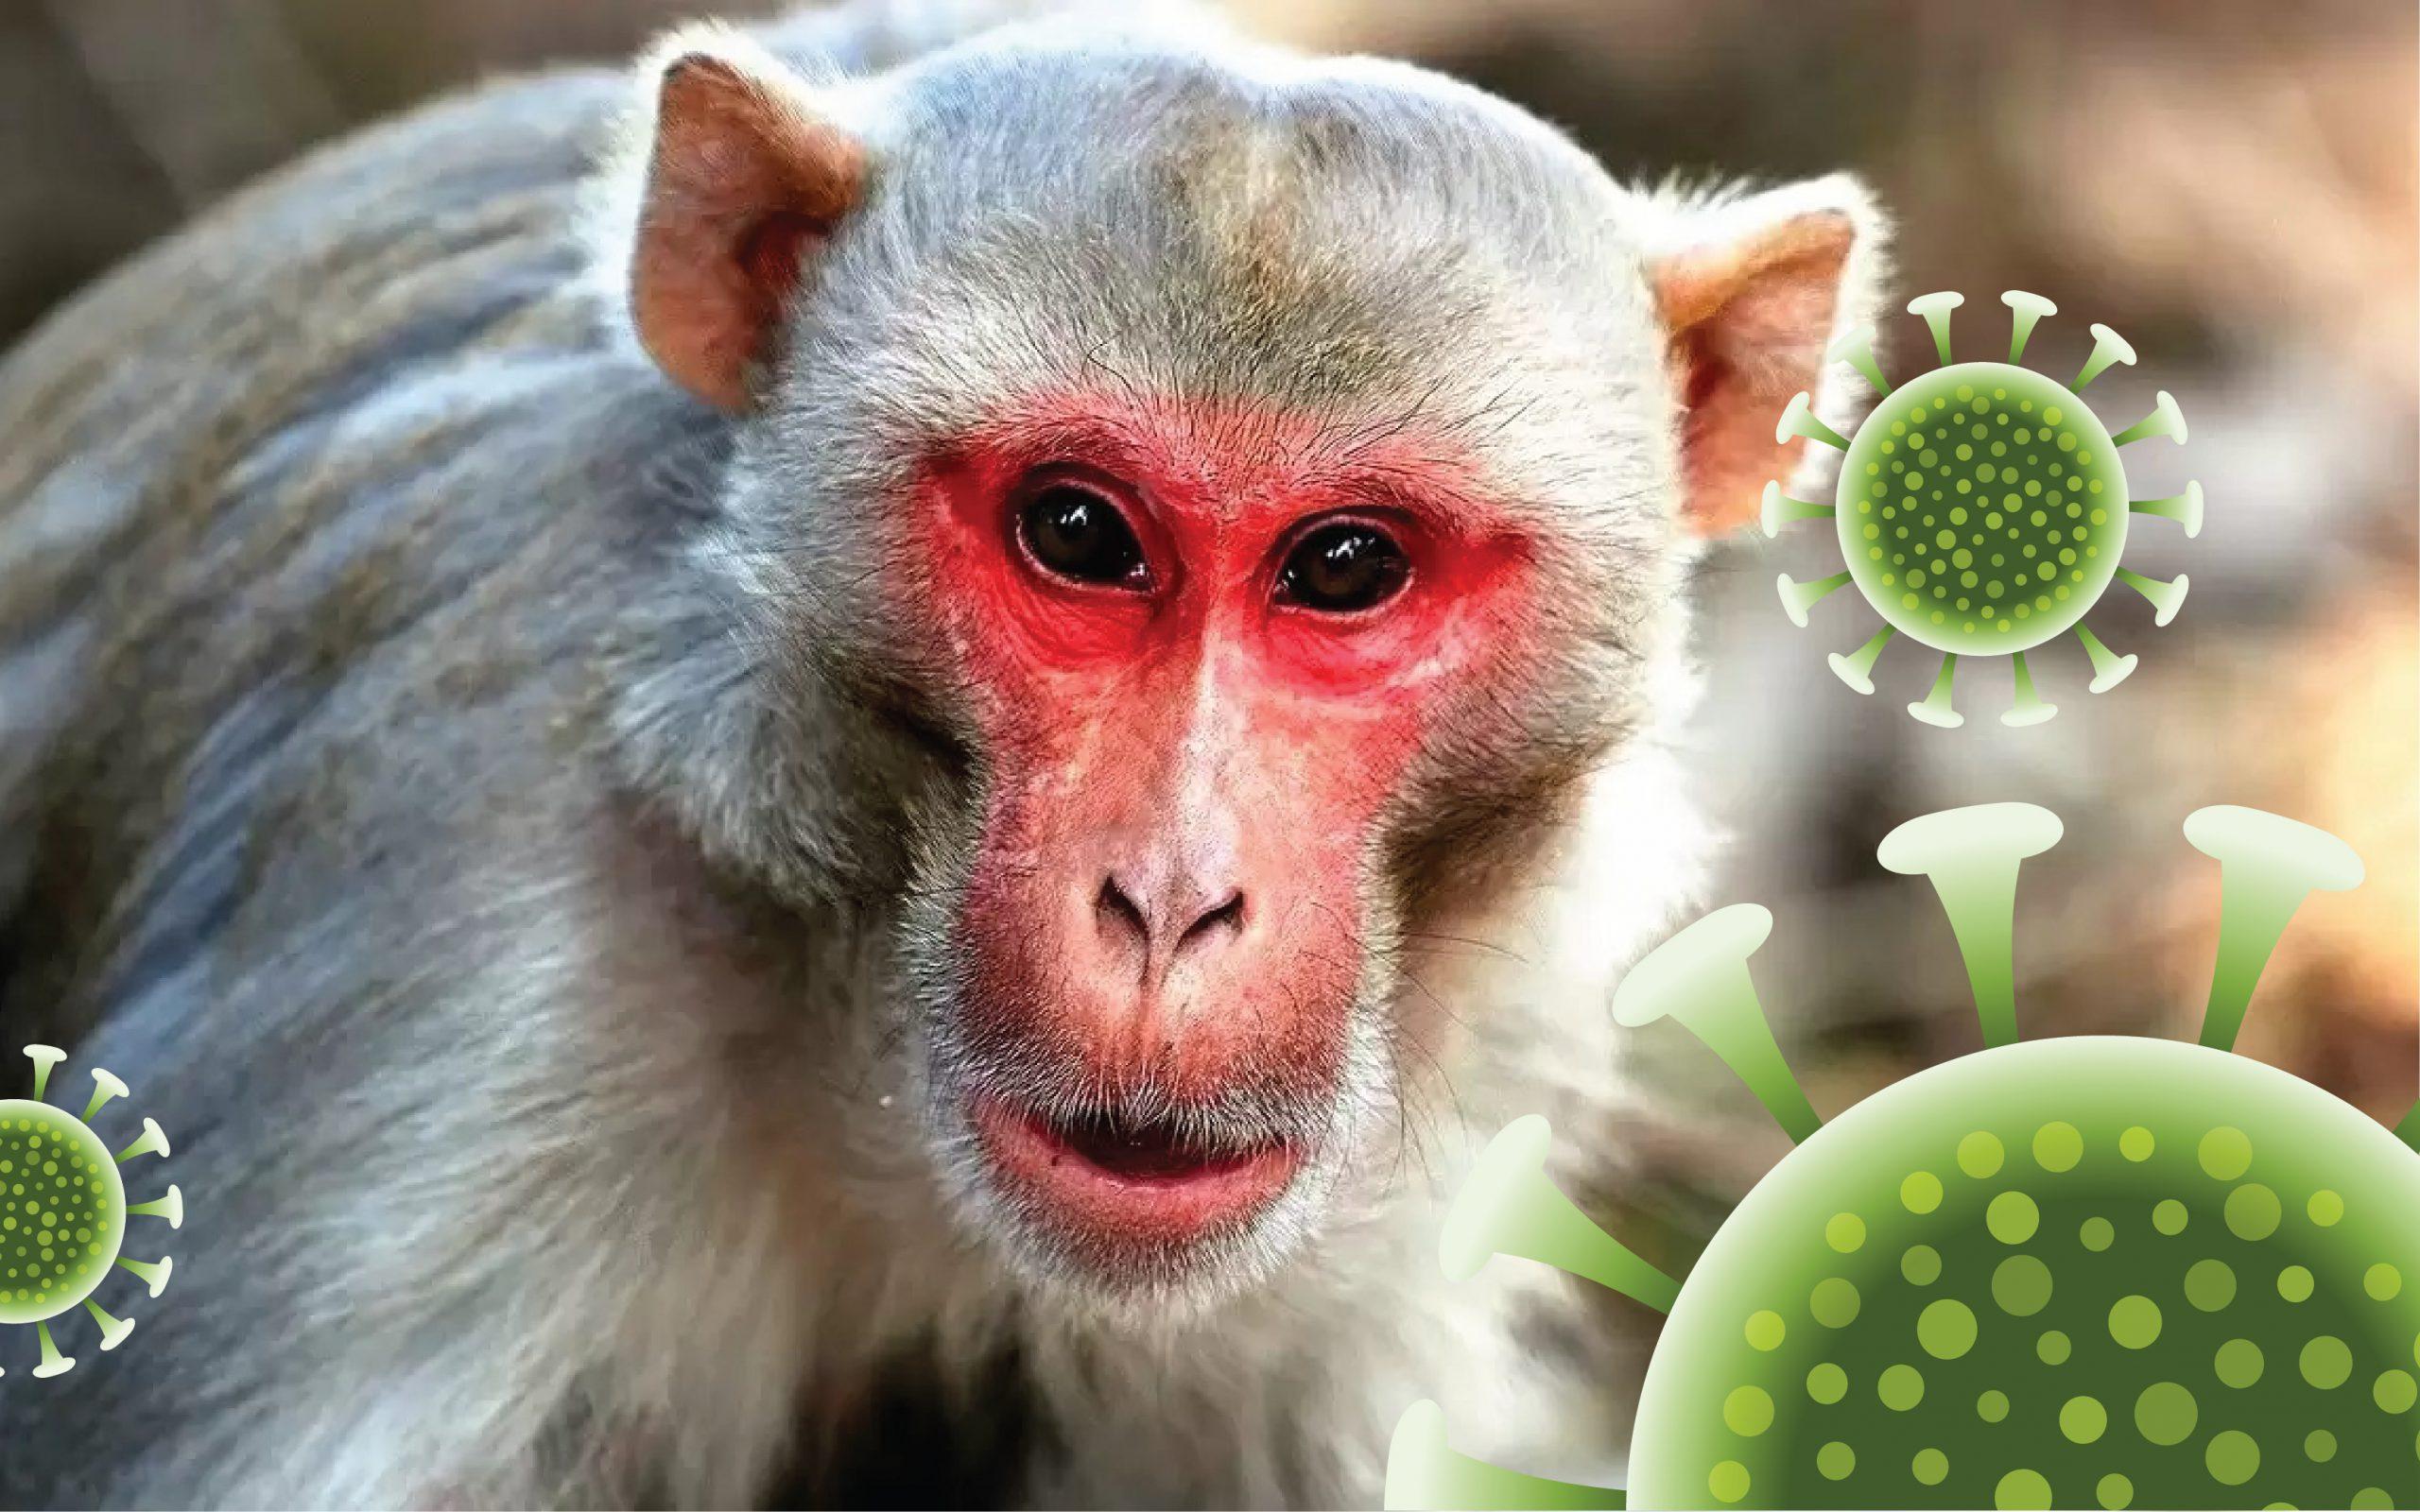 Monkey-B virus: कोरोना के बाद मंकी-बी वायरस का खतरा, जानिए क्या हैं इसके लक्षण?